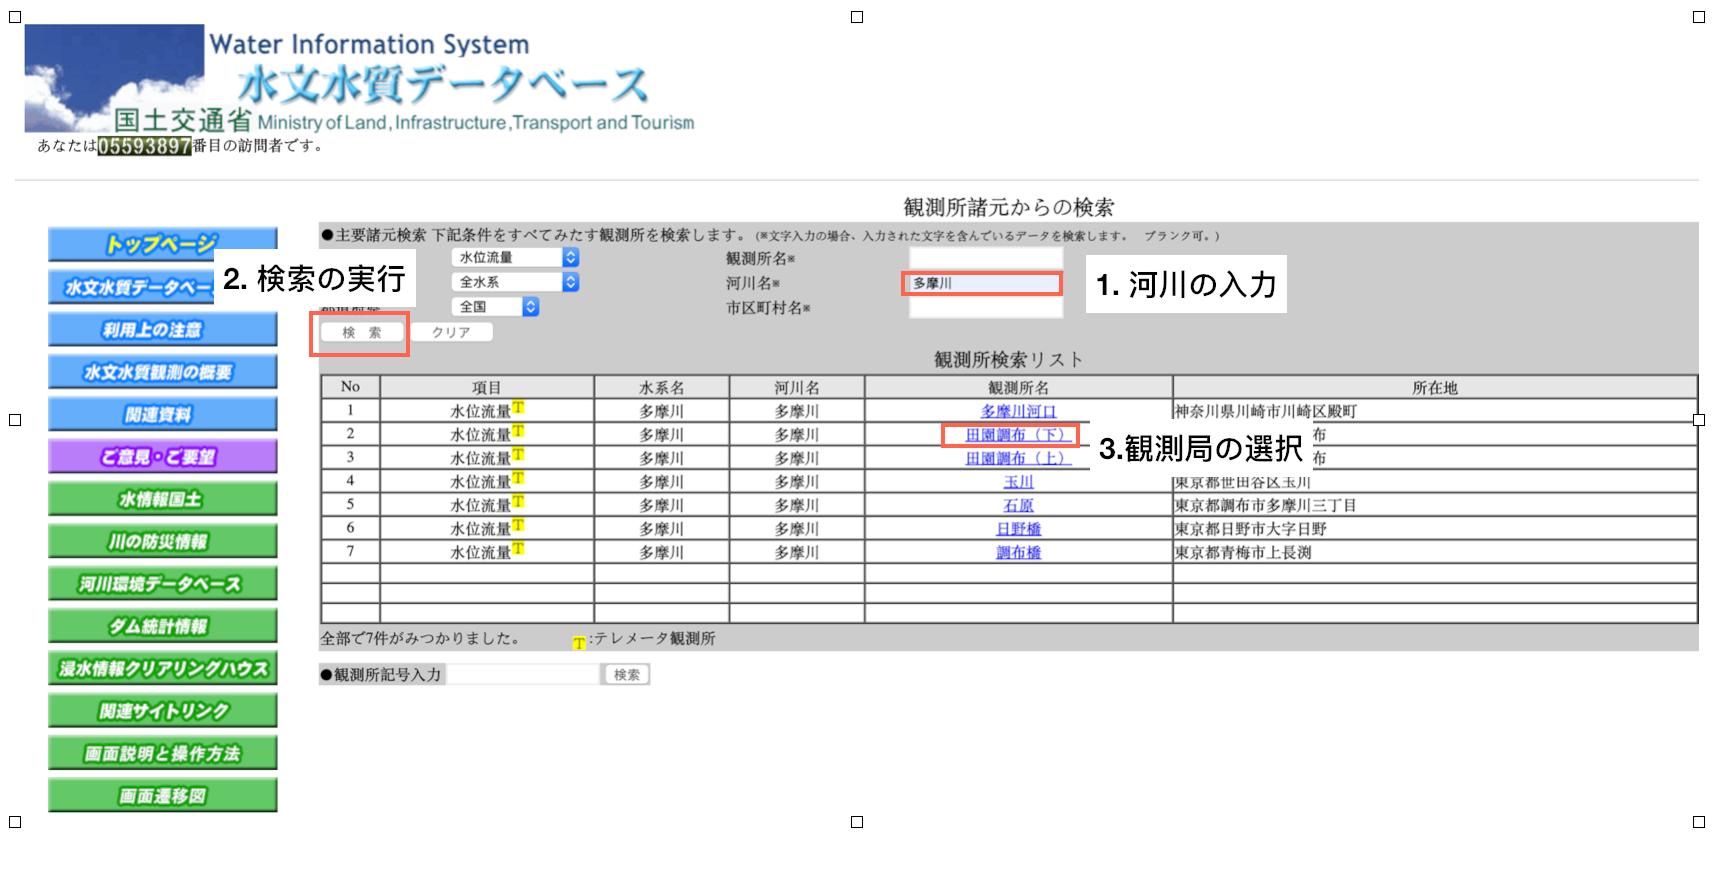 Screen Shot 2020-03-22 at 20.49.05.png